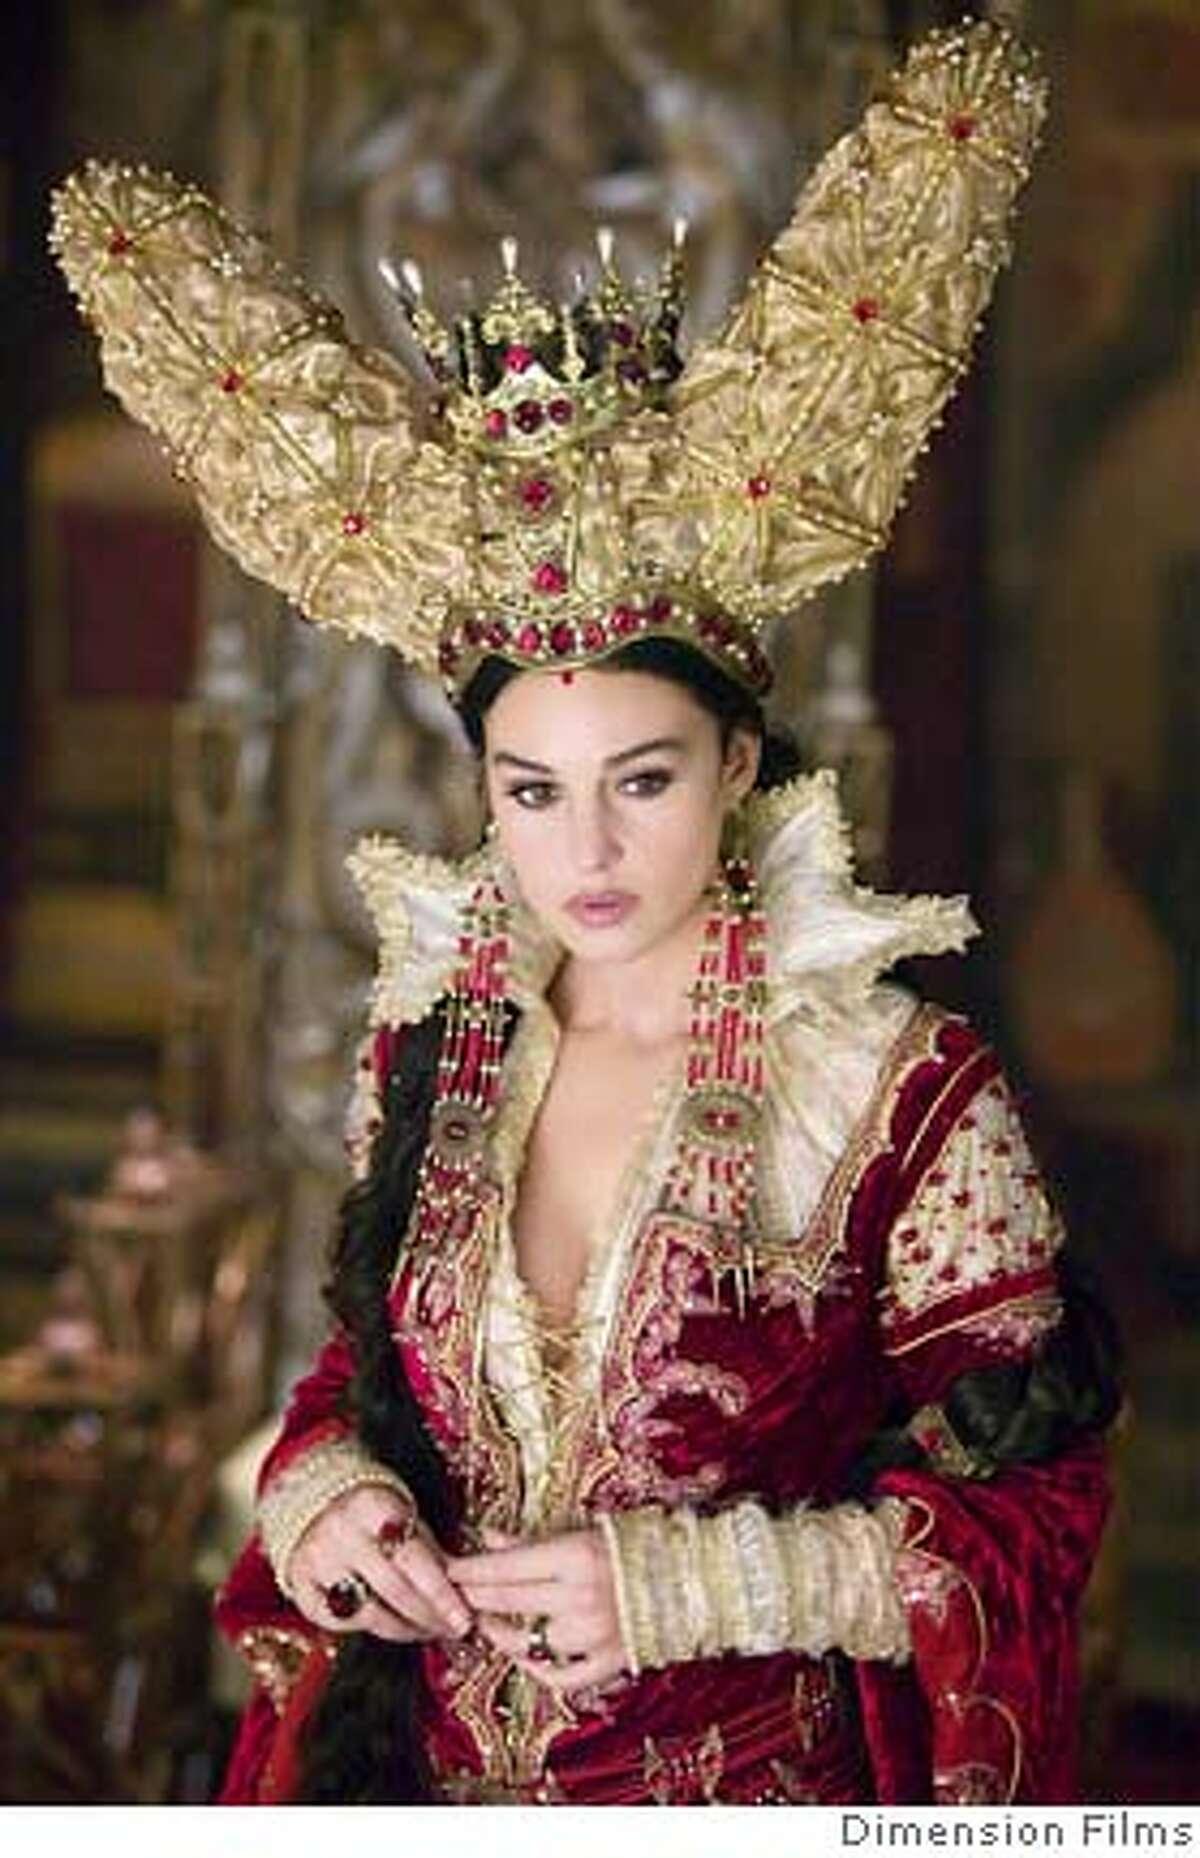 Italian actress Monica Bellucci is Queen Mirror in the movie